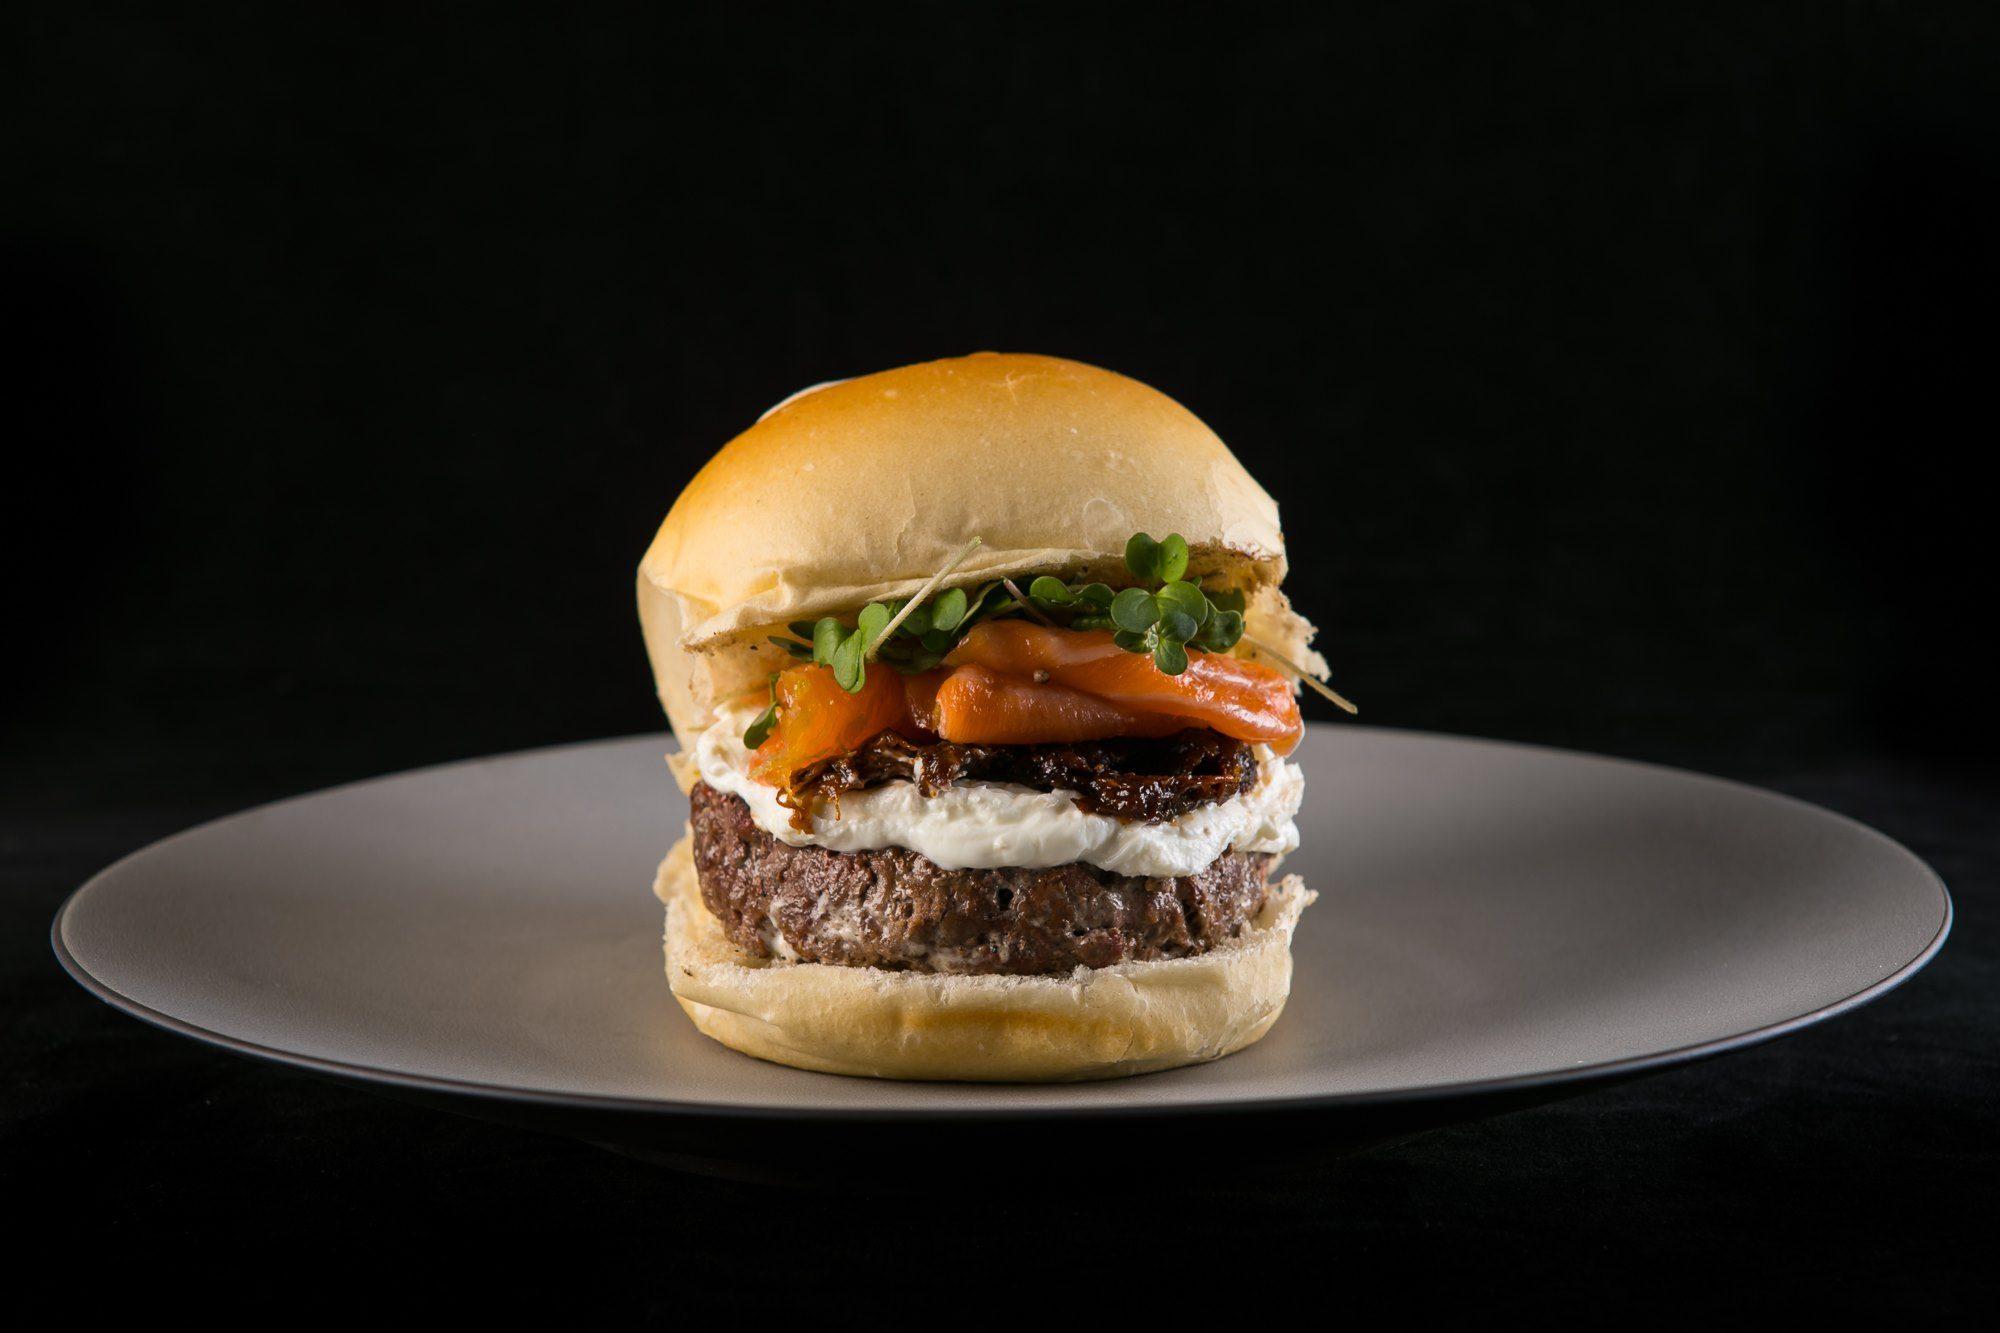 Hamburger selezionato, salmone affumicato selvaggio, prugne appassite, formaggio fresco di capra e spinacino condito con aceto di lamponi – Da Gigione